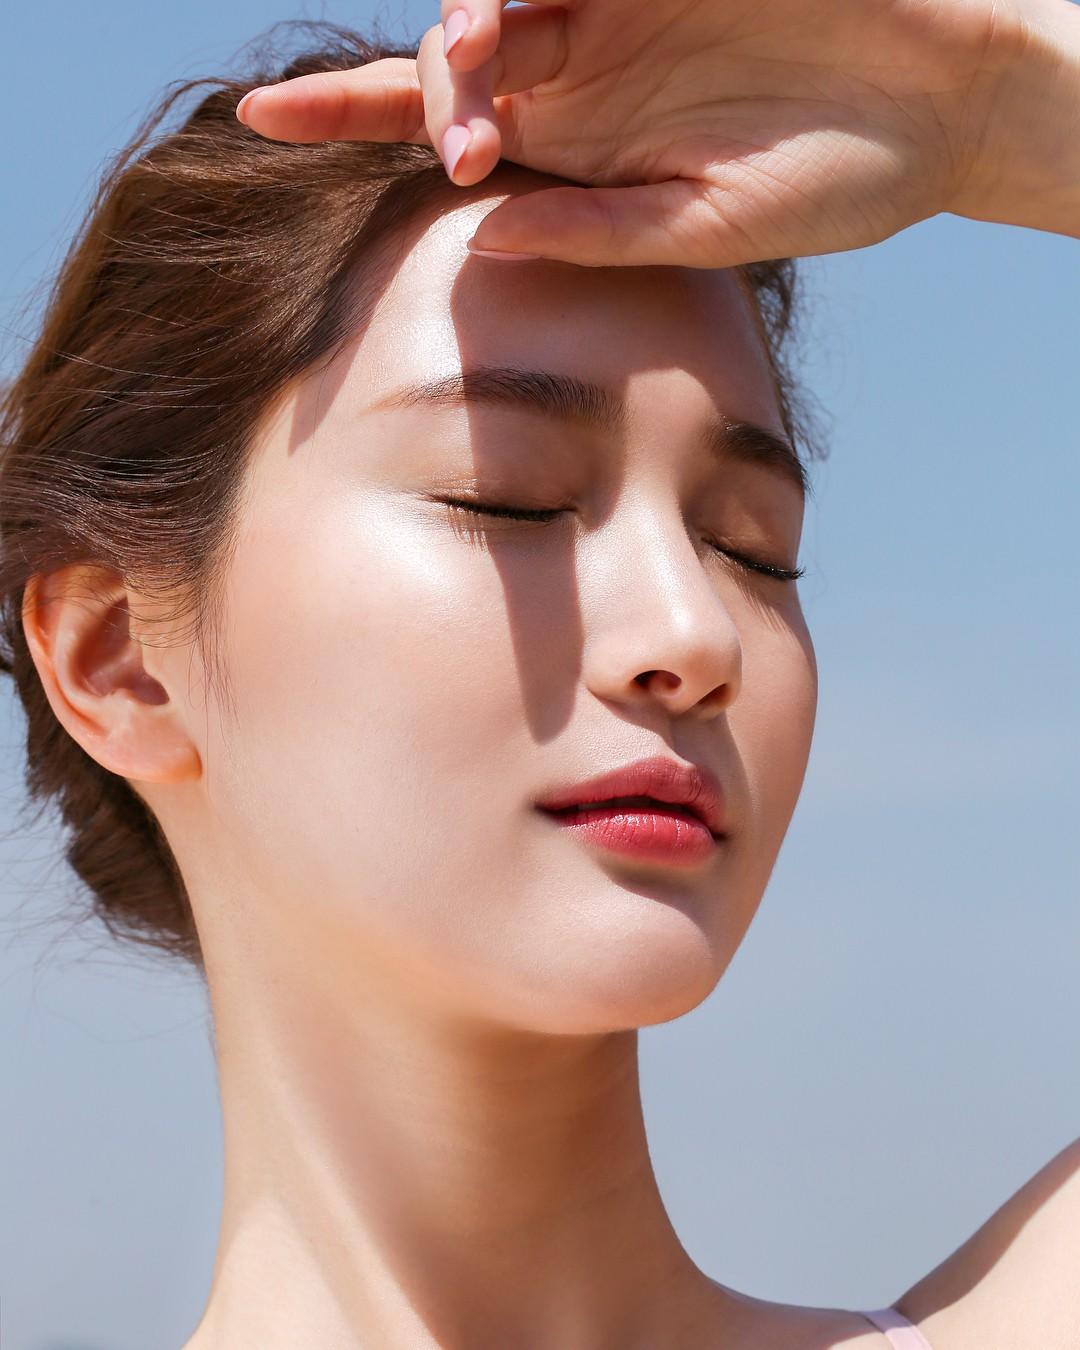 5 bí kíp chăm sóc da đơn giản giúp phụ nữ tuổi 40 giữ mãi 'tháng năm rực rỡ'  - Ảnh 3